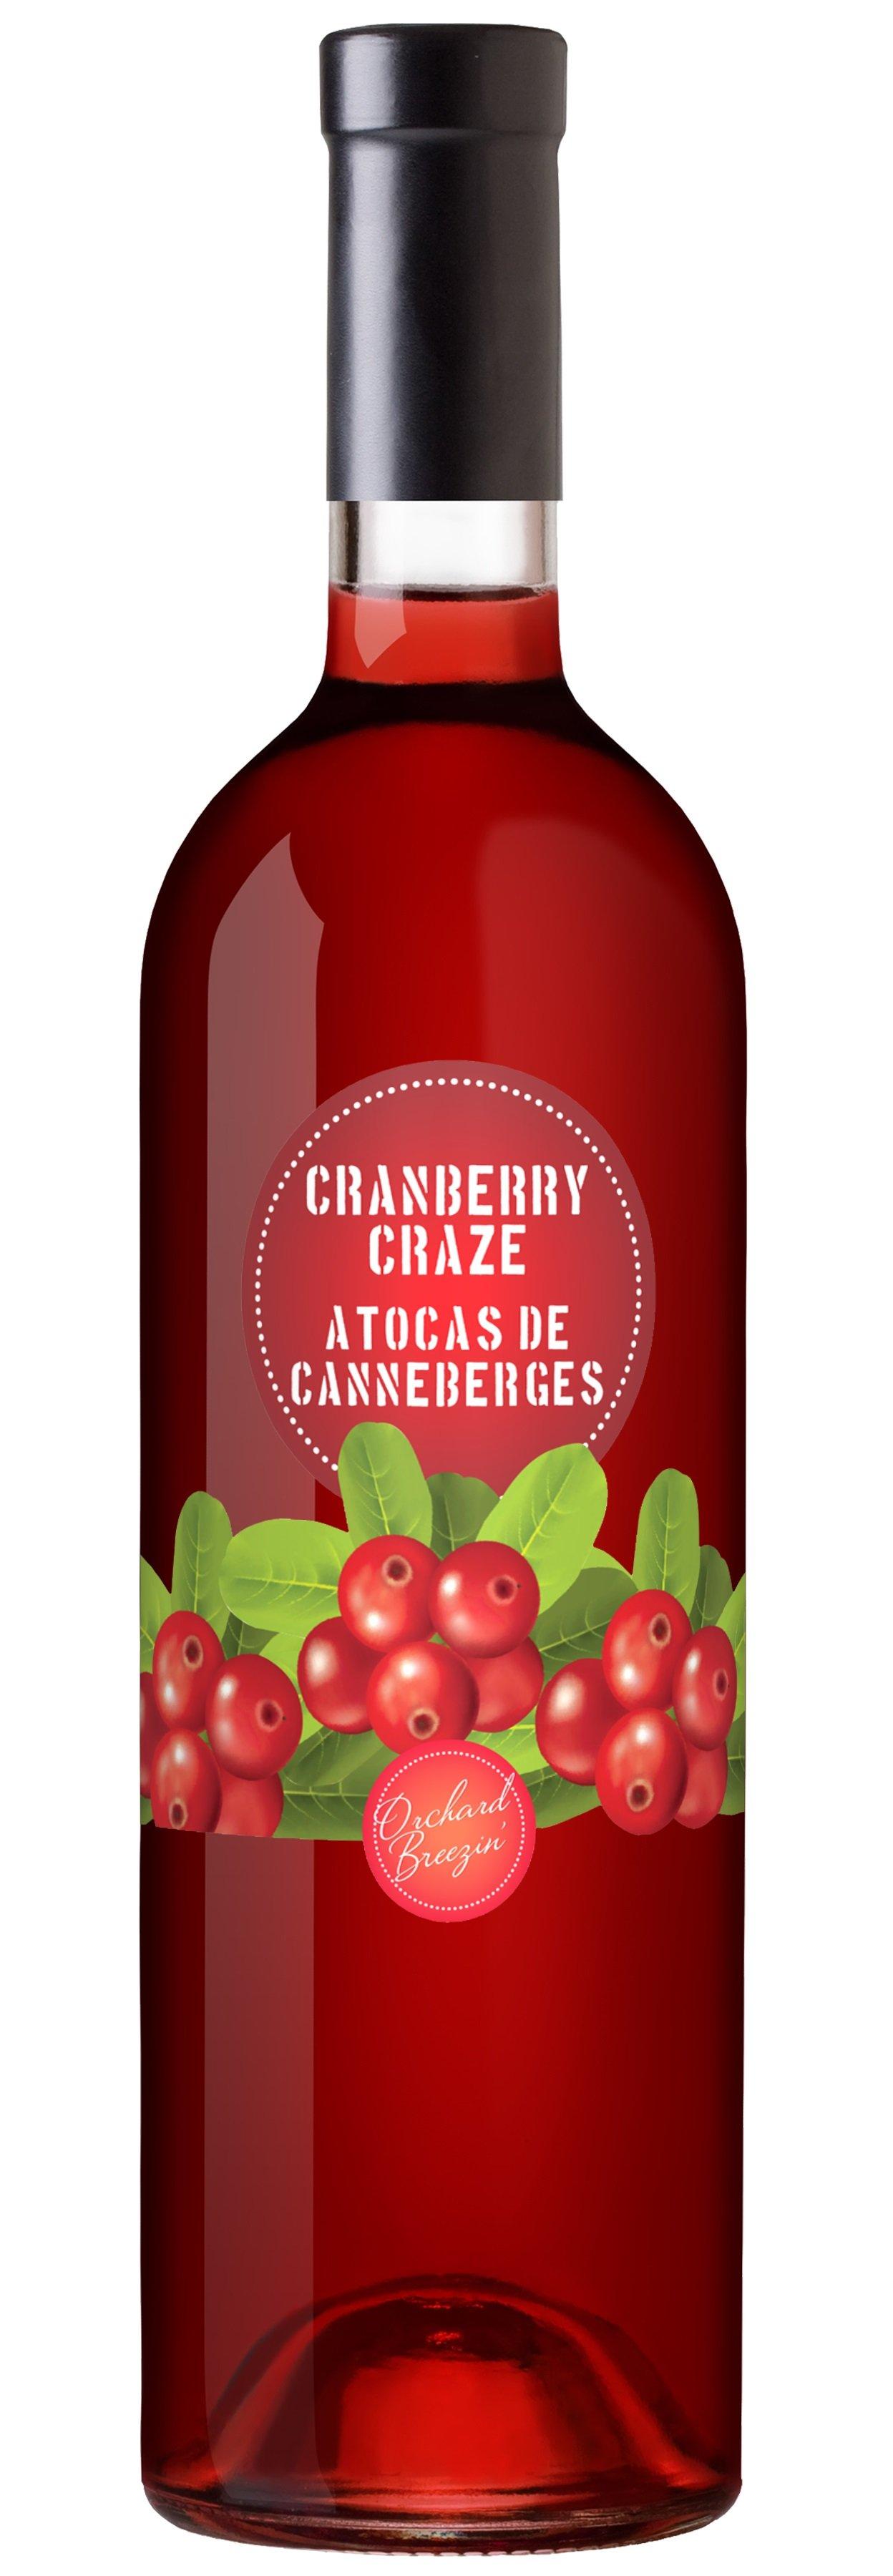 https://0901.nccdn.net/4_2/000/000/05e/0e7/OB_Bottle_CranberryCraze.jpg